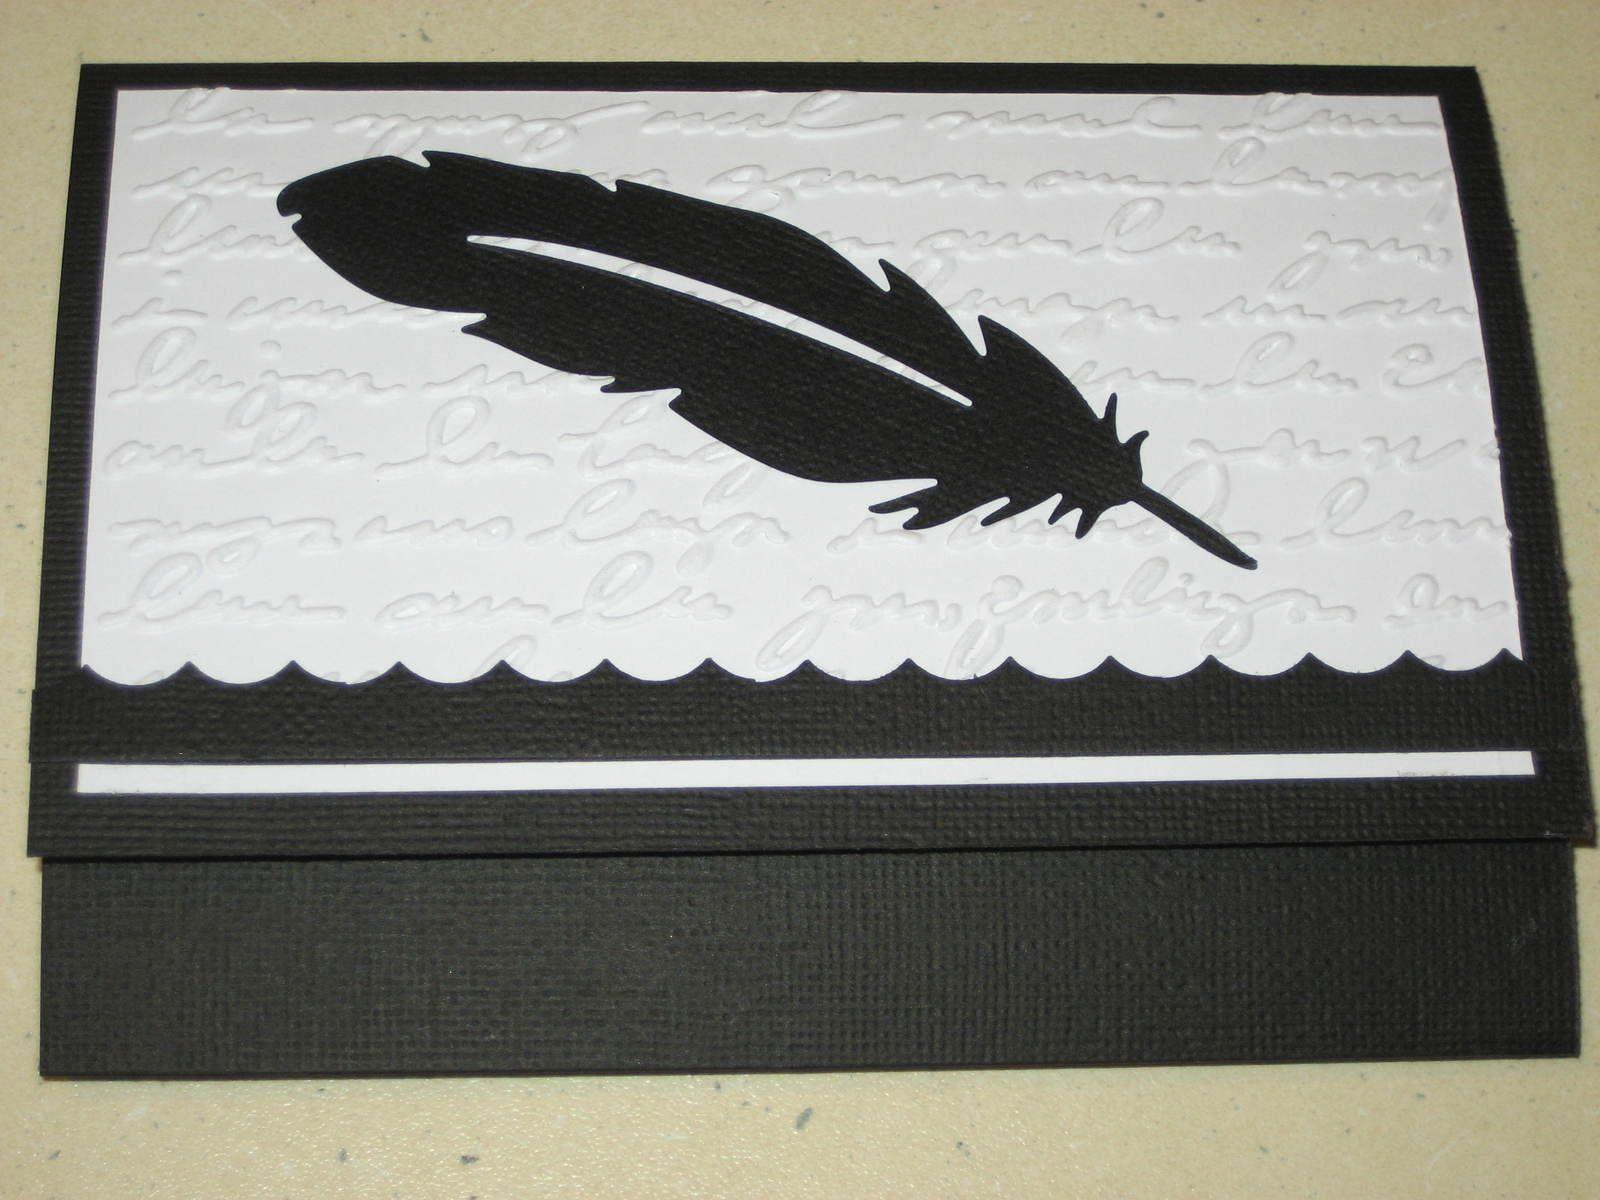 Pochettes masculines en papier pour billets de banque ou d'avion, bons KDO ou autres.